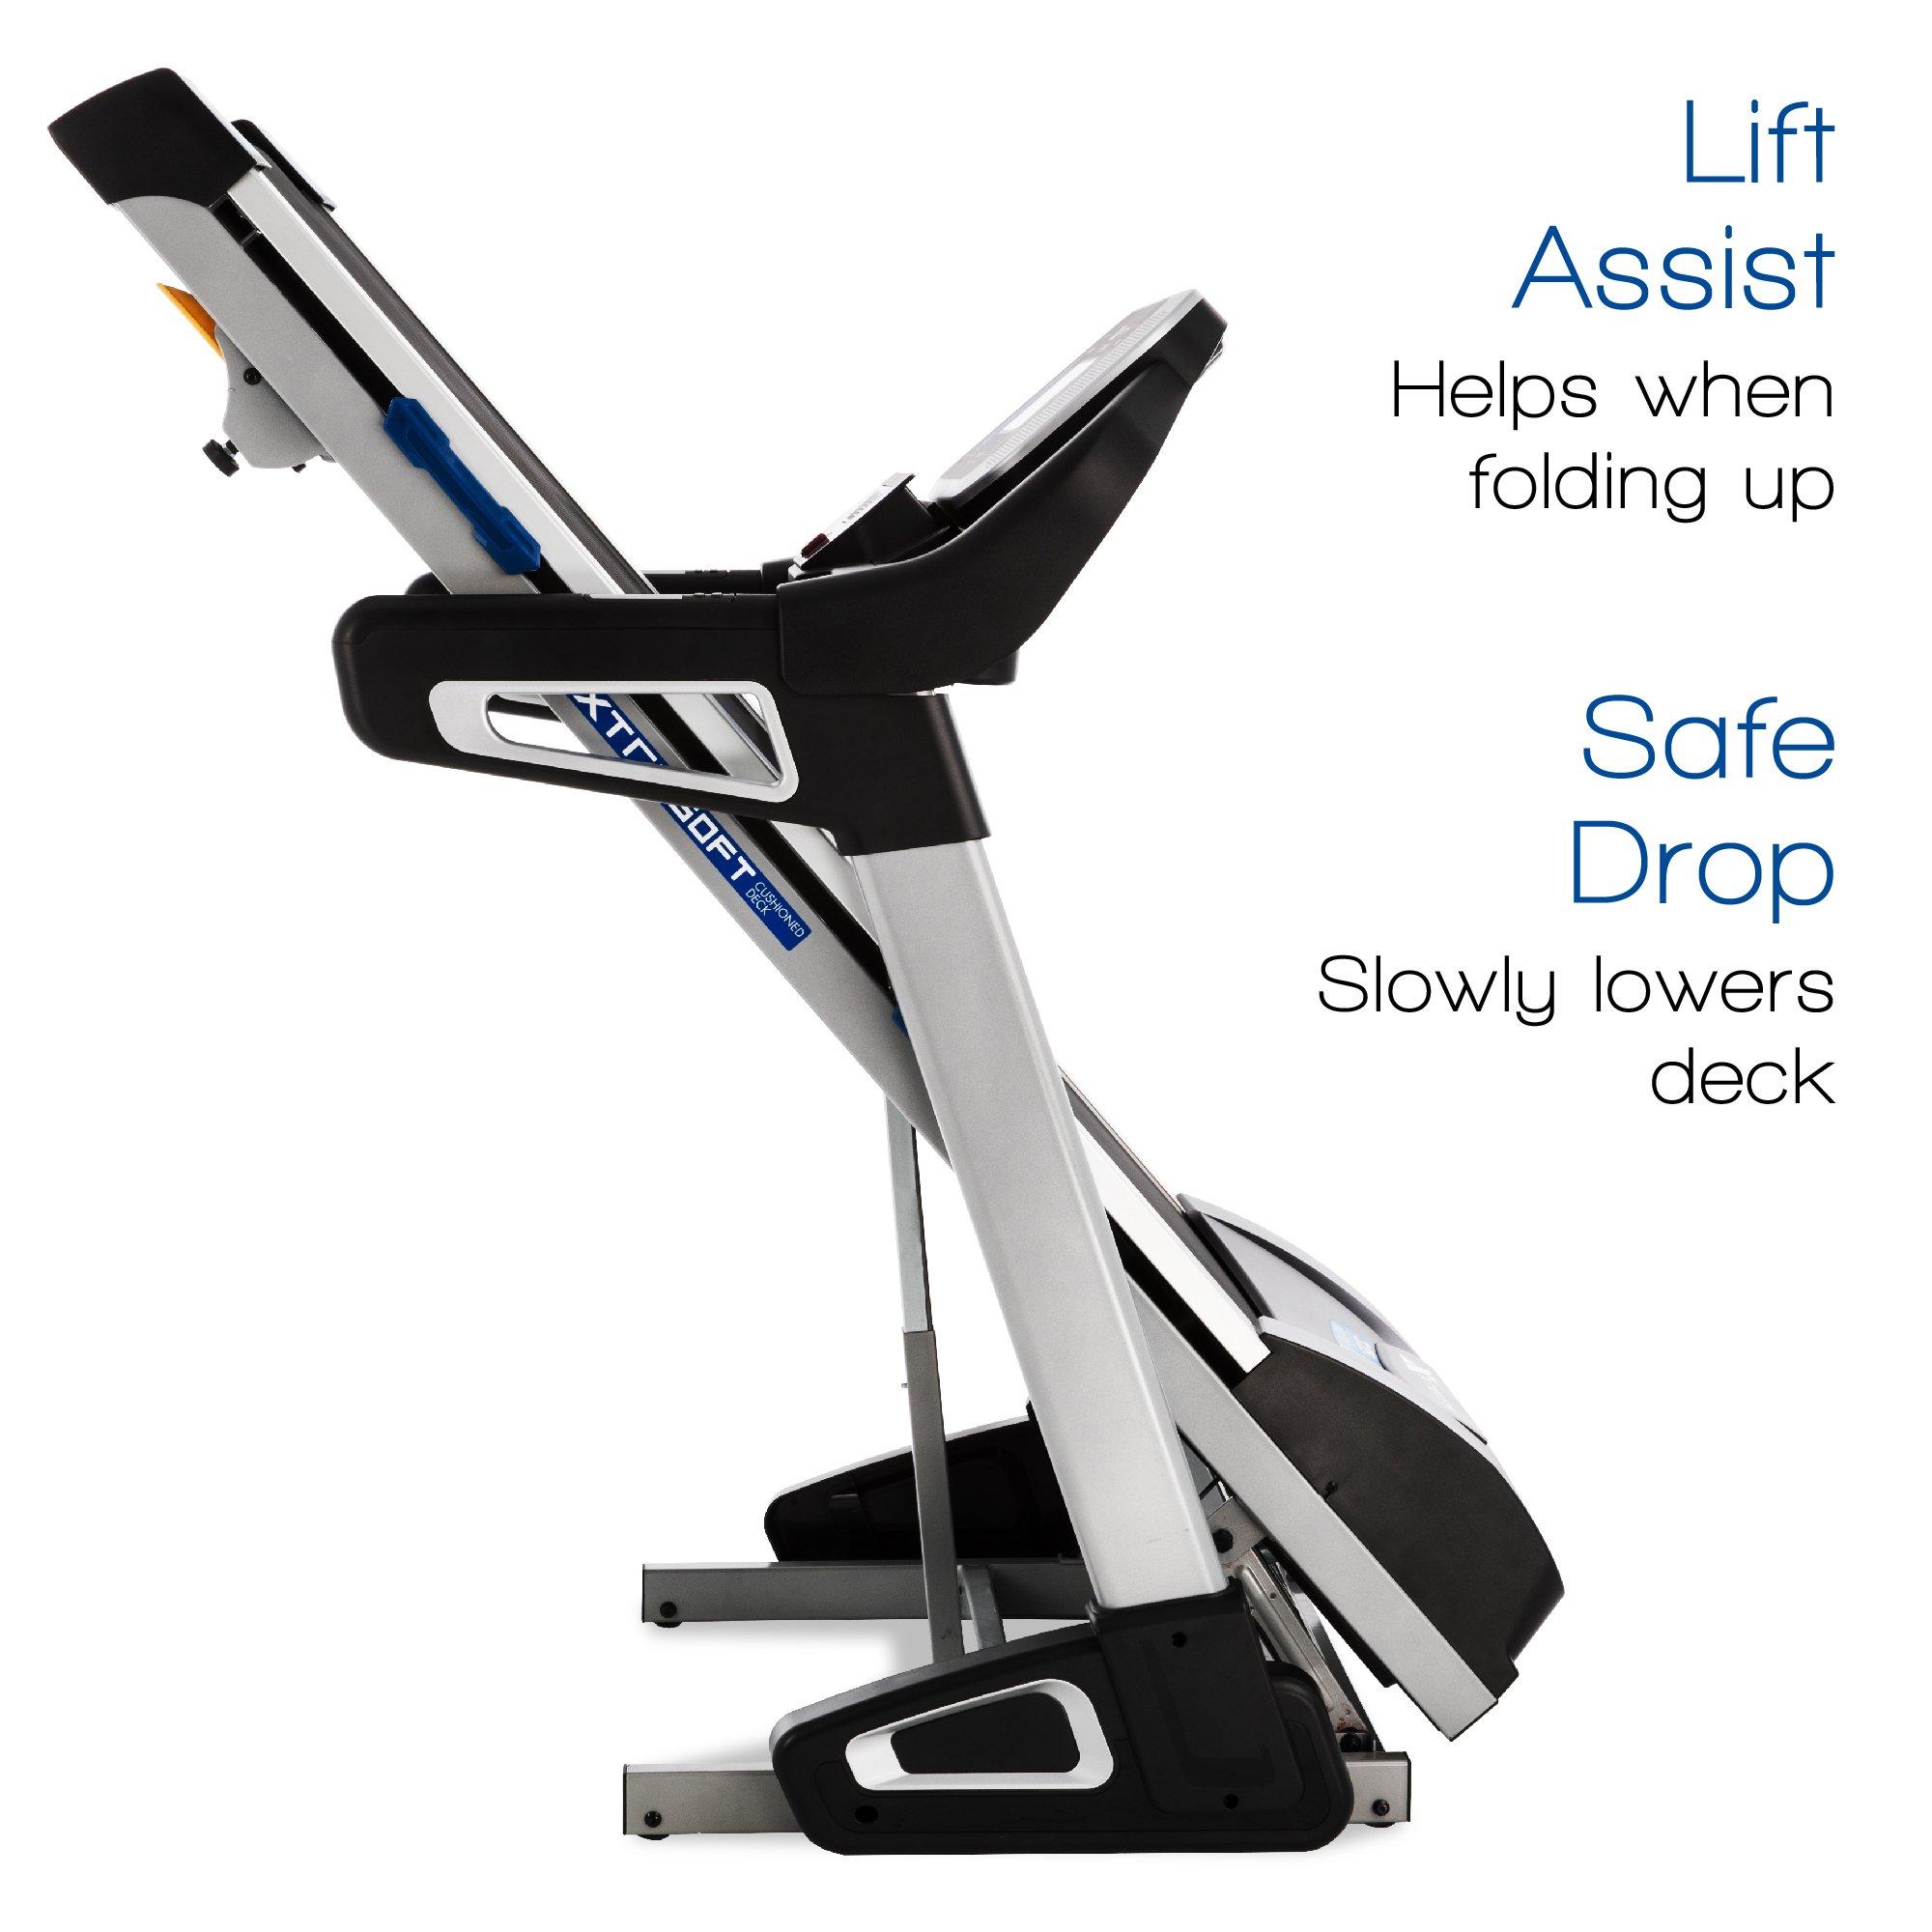 XTERRA Fitness TRX4500 Treadmill Exercise & Fitness Sports ...